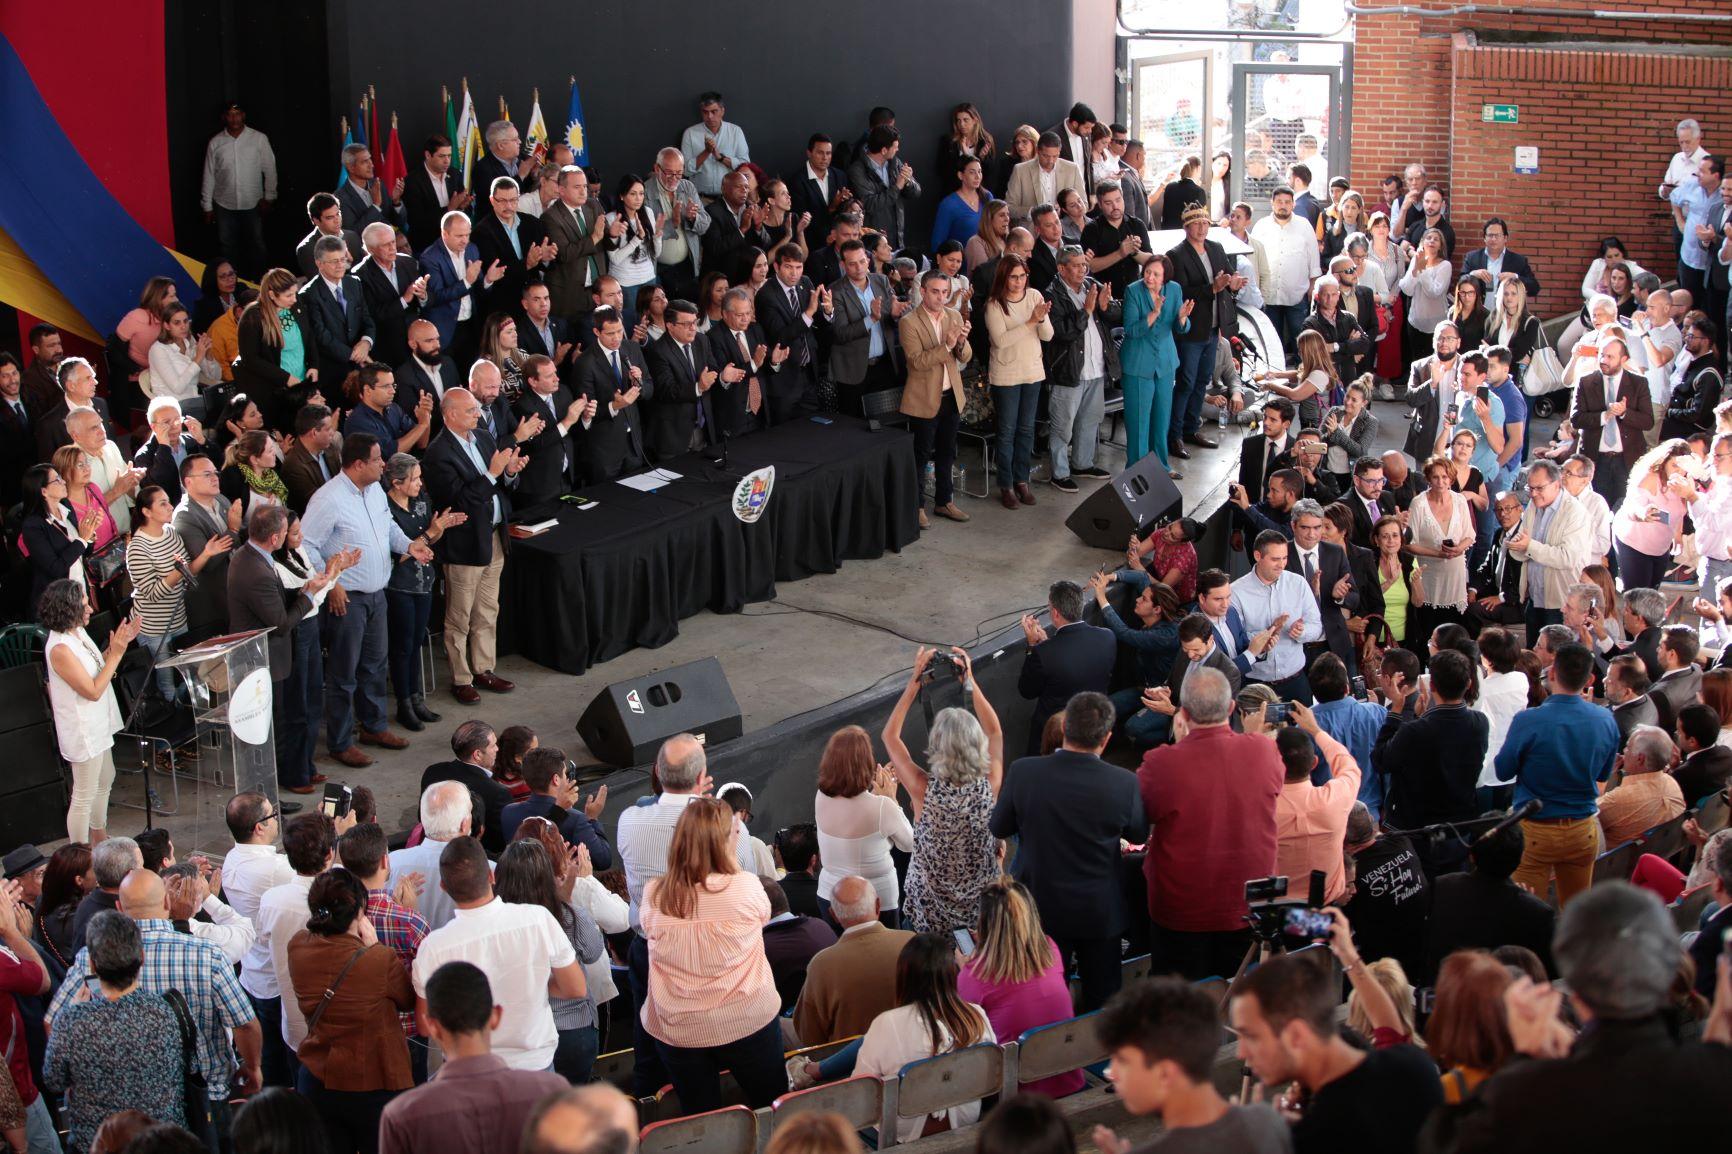 La foto de la reja, anuncios y acciones de calle: la segunda oportunidad de Juan Guaidó